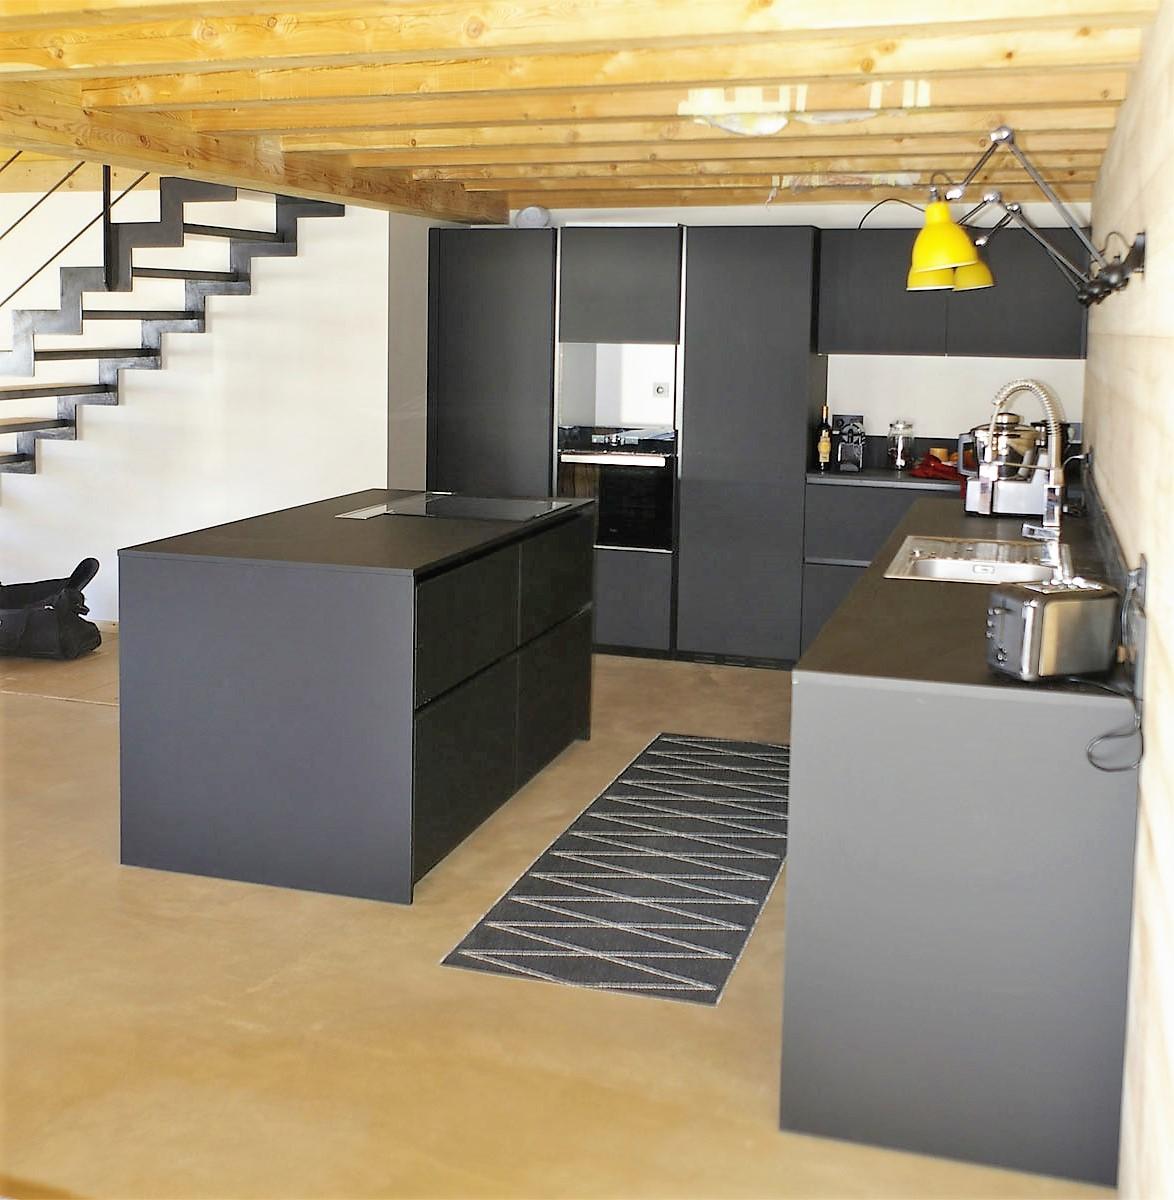 une cuisine en fenix noir splendide au c ur d 39 une pi ce. Black Bedroom Furniture Sets. Home Design Ideas